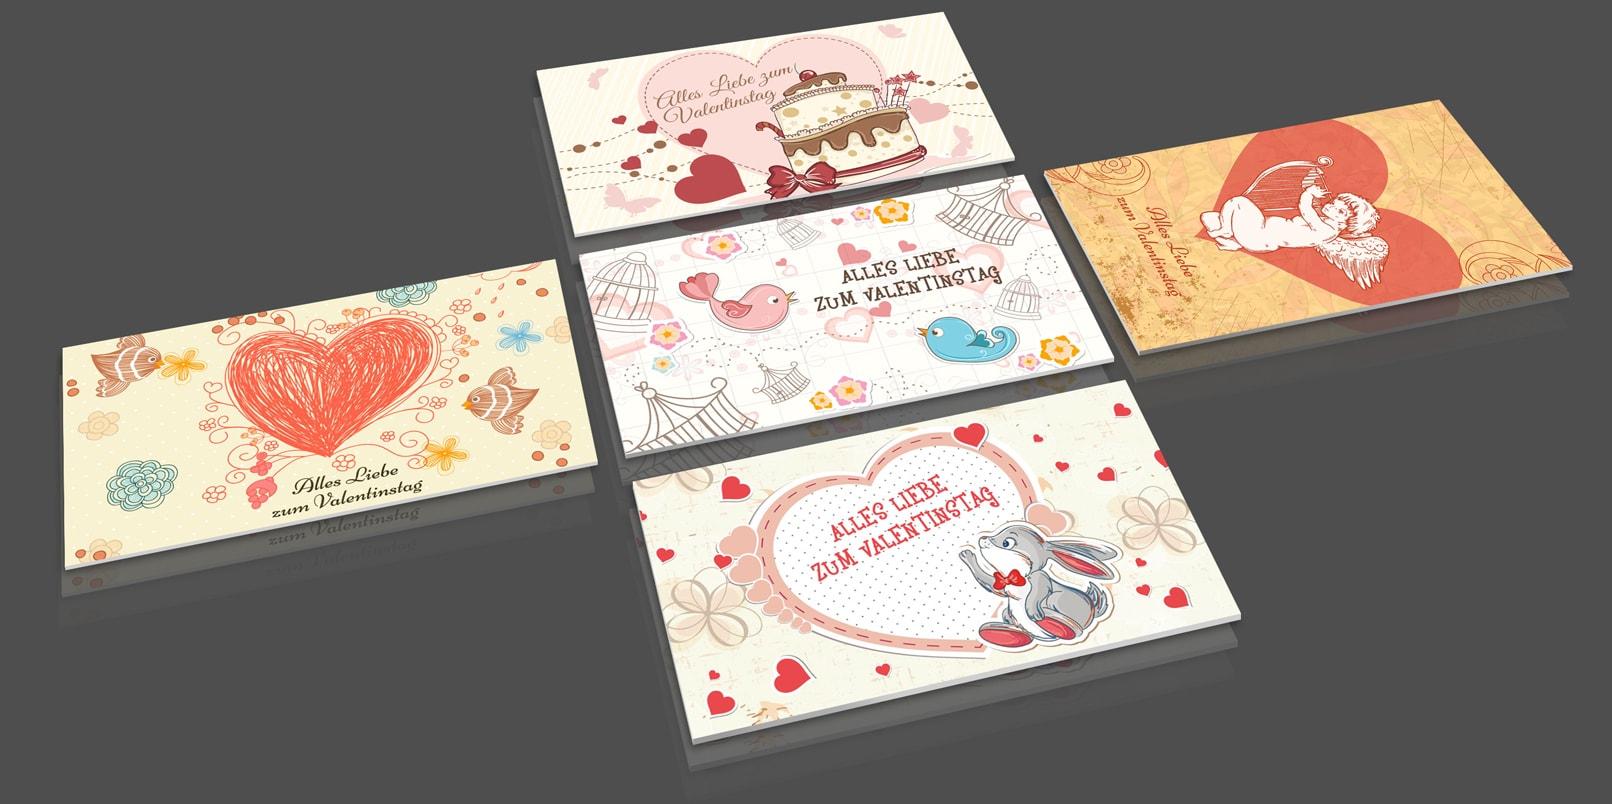 Beispiele von Hochzeitsmotiven und Bildern zum Valentinstag mit Herz und Liebe